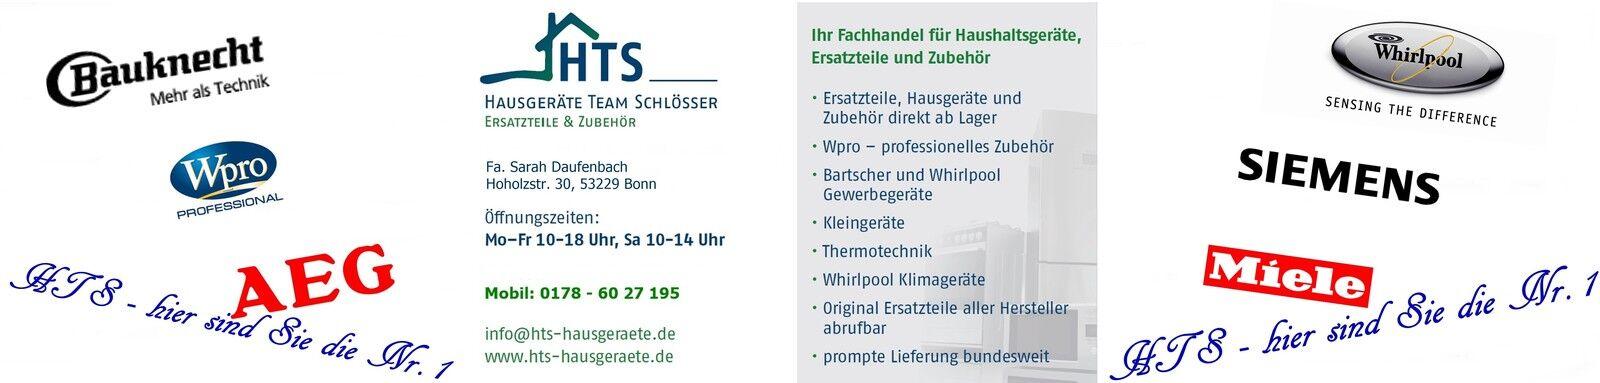 hausgeraete_team_schloesser